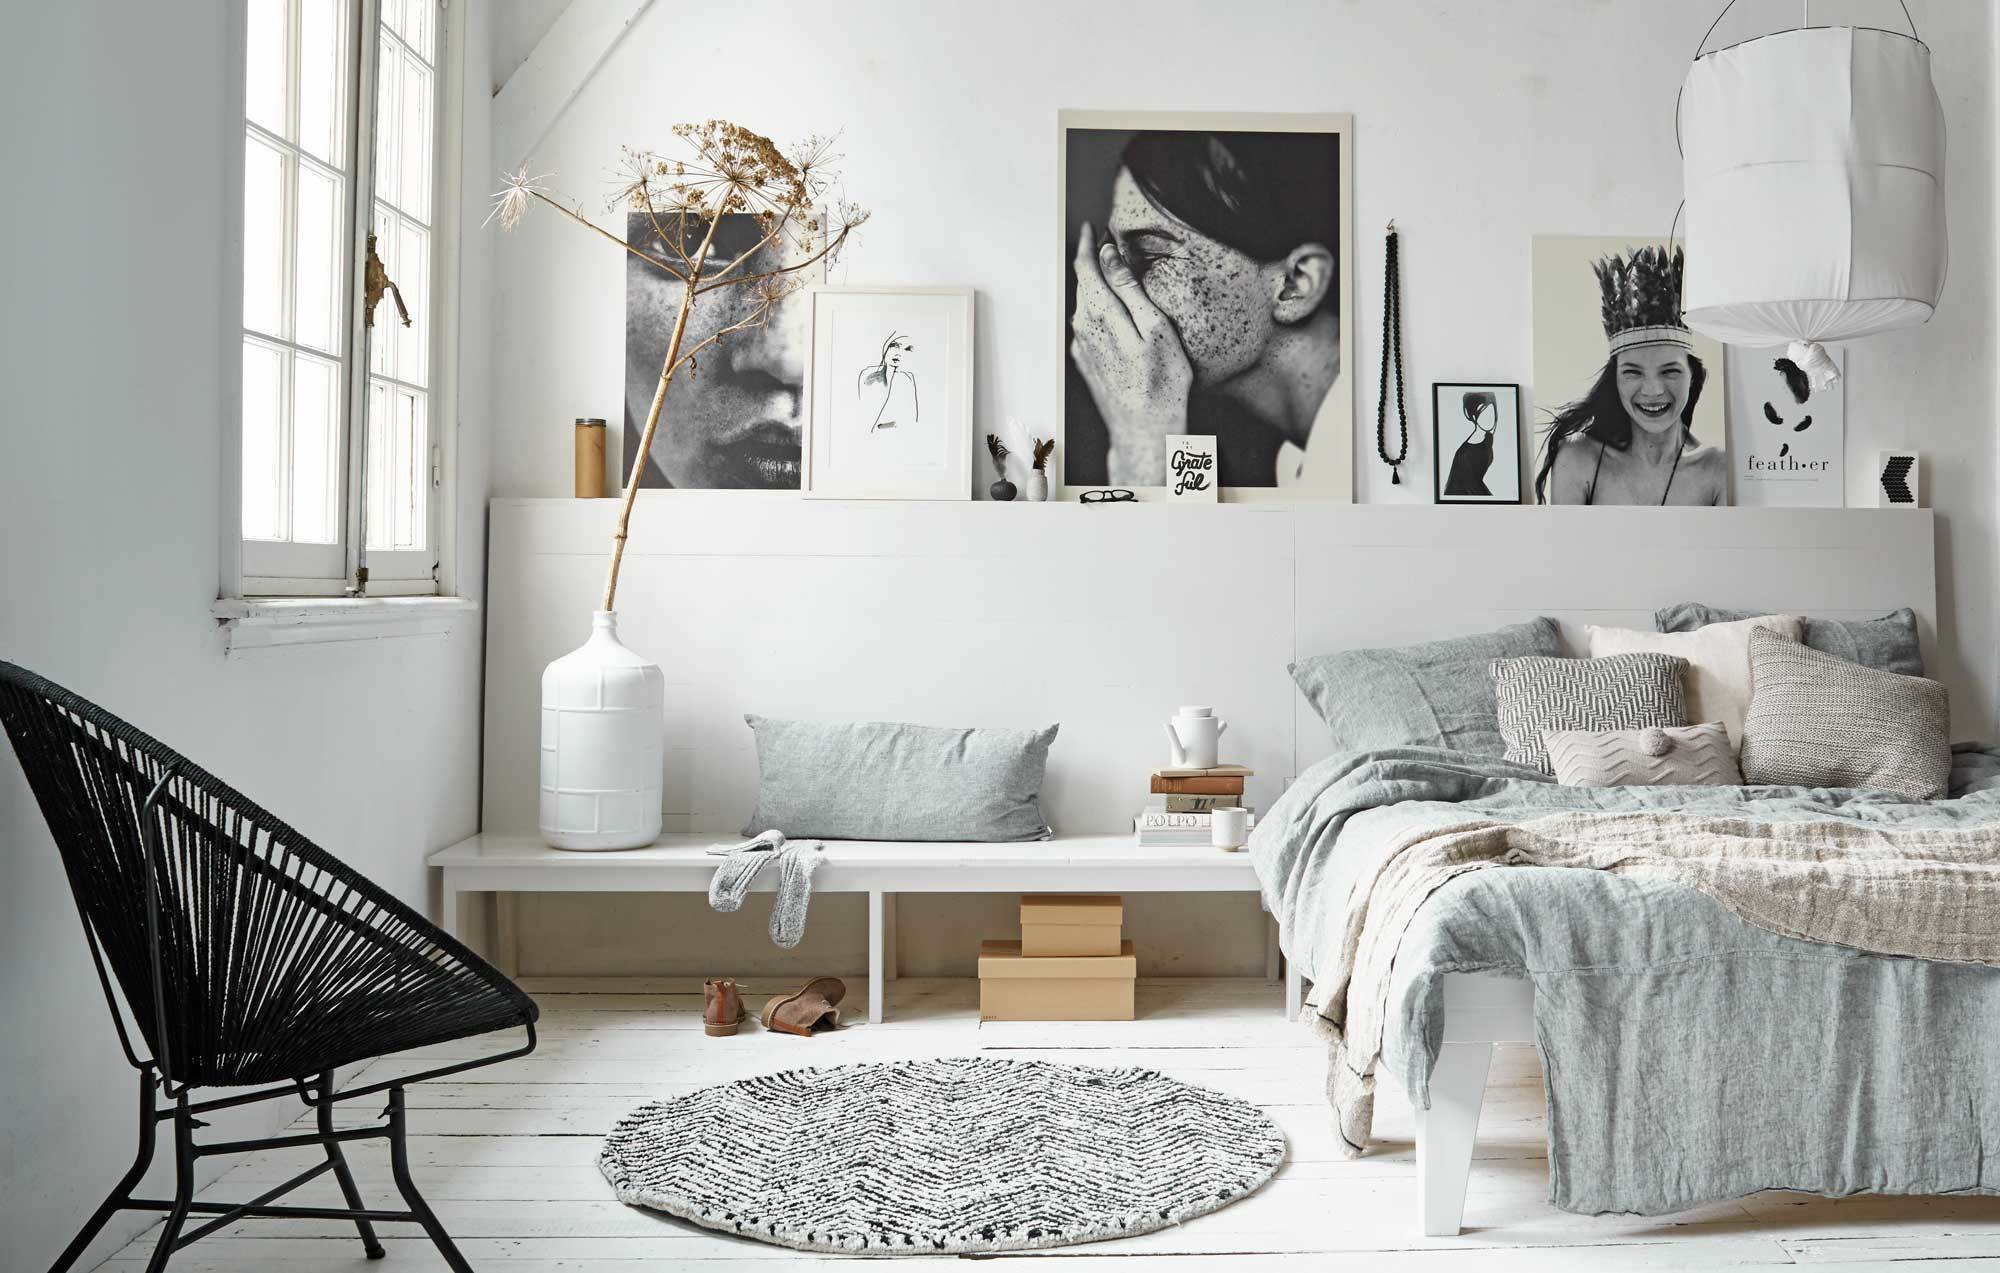 thiết kế phòng ngủ cho giấc ngủ ngon elledecoration vietnam 7